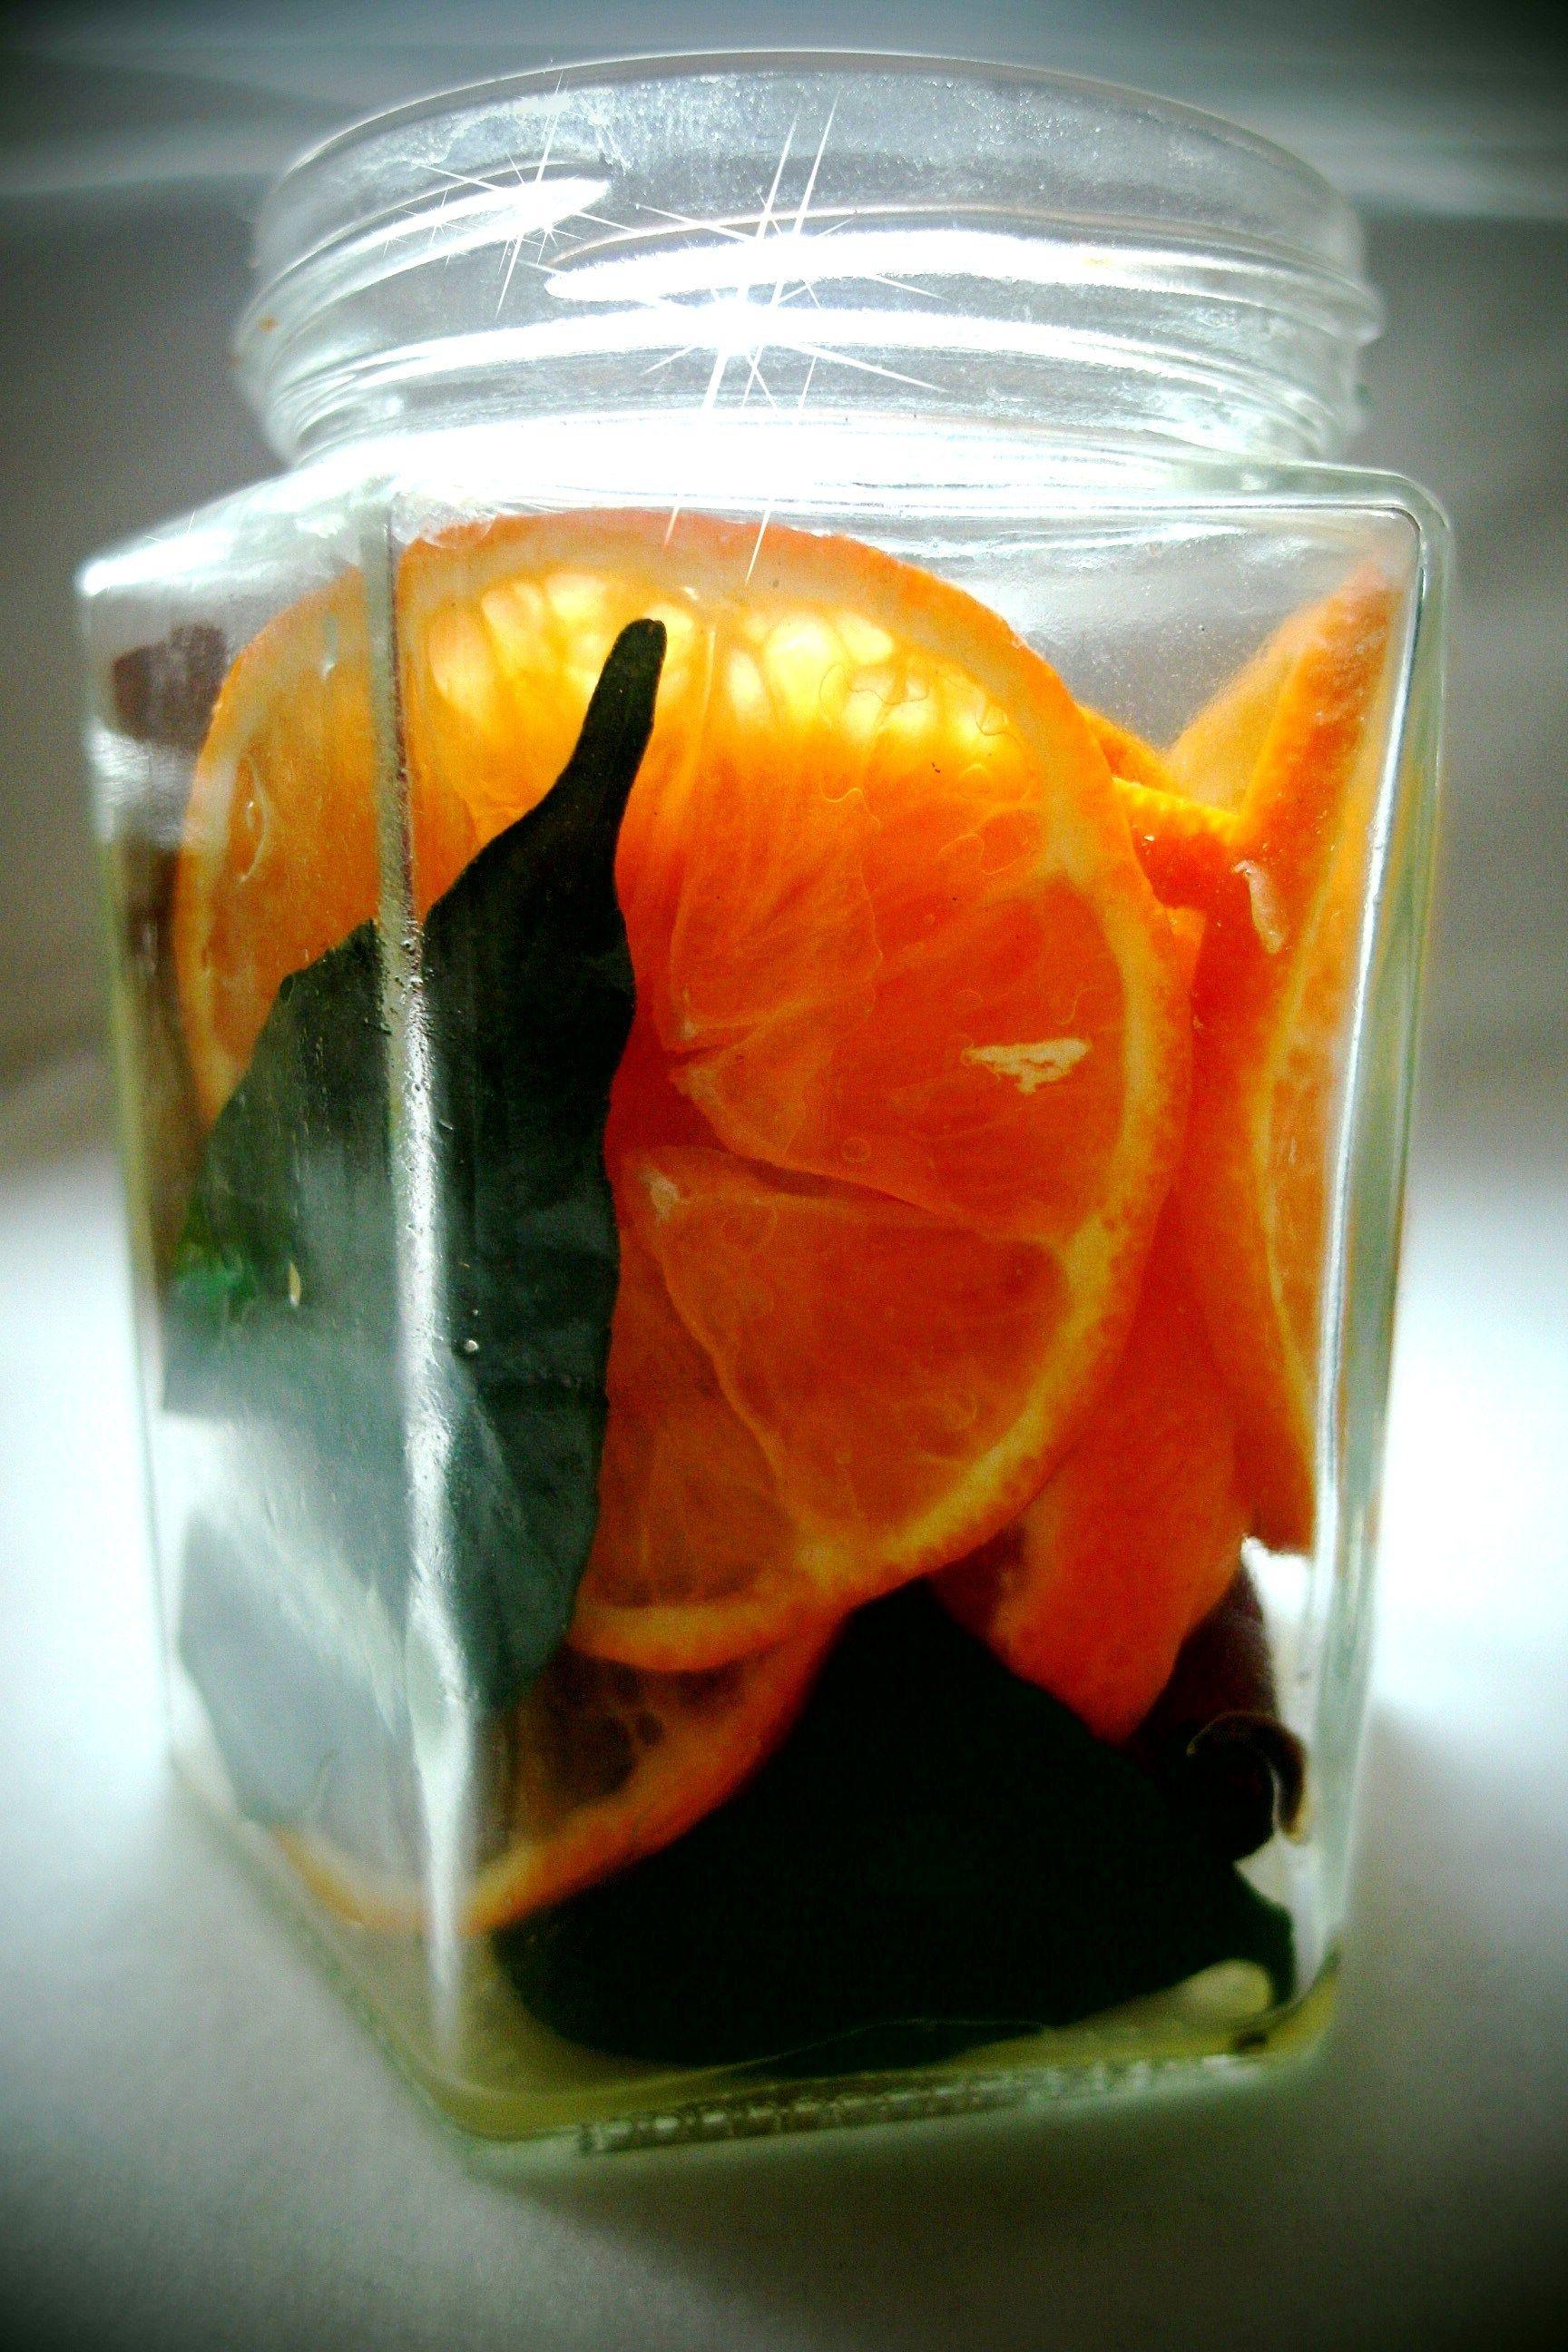 Der Fruchtige Raumduft Passend Zur Winterzeit Orangen Zimtstangen Und Anis Sterne Verfuhrerisch Diy Lufterfrischer Lufterfrischer Raumduft Selber Machen